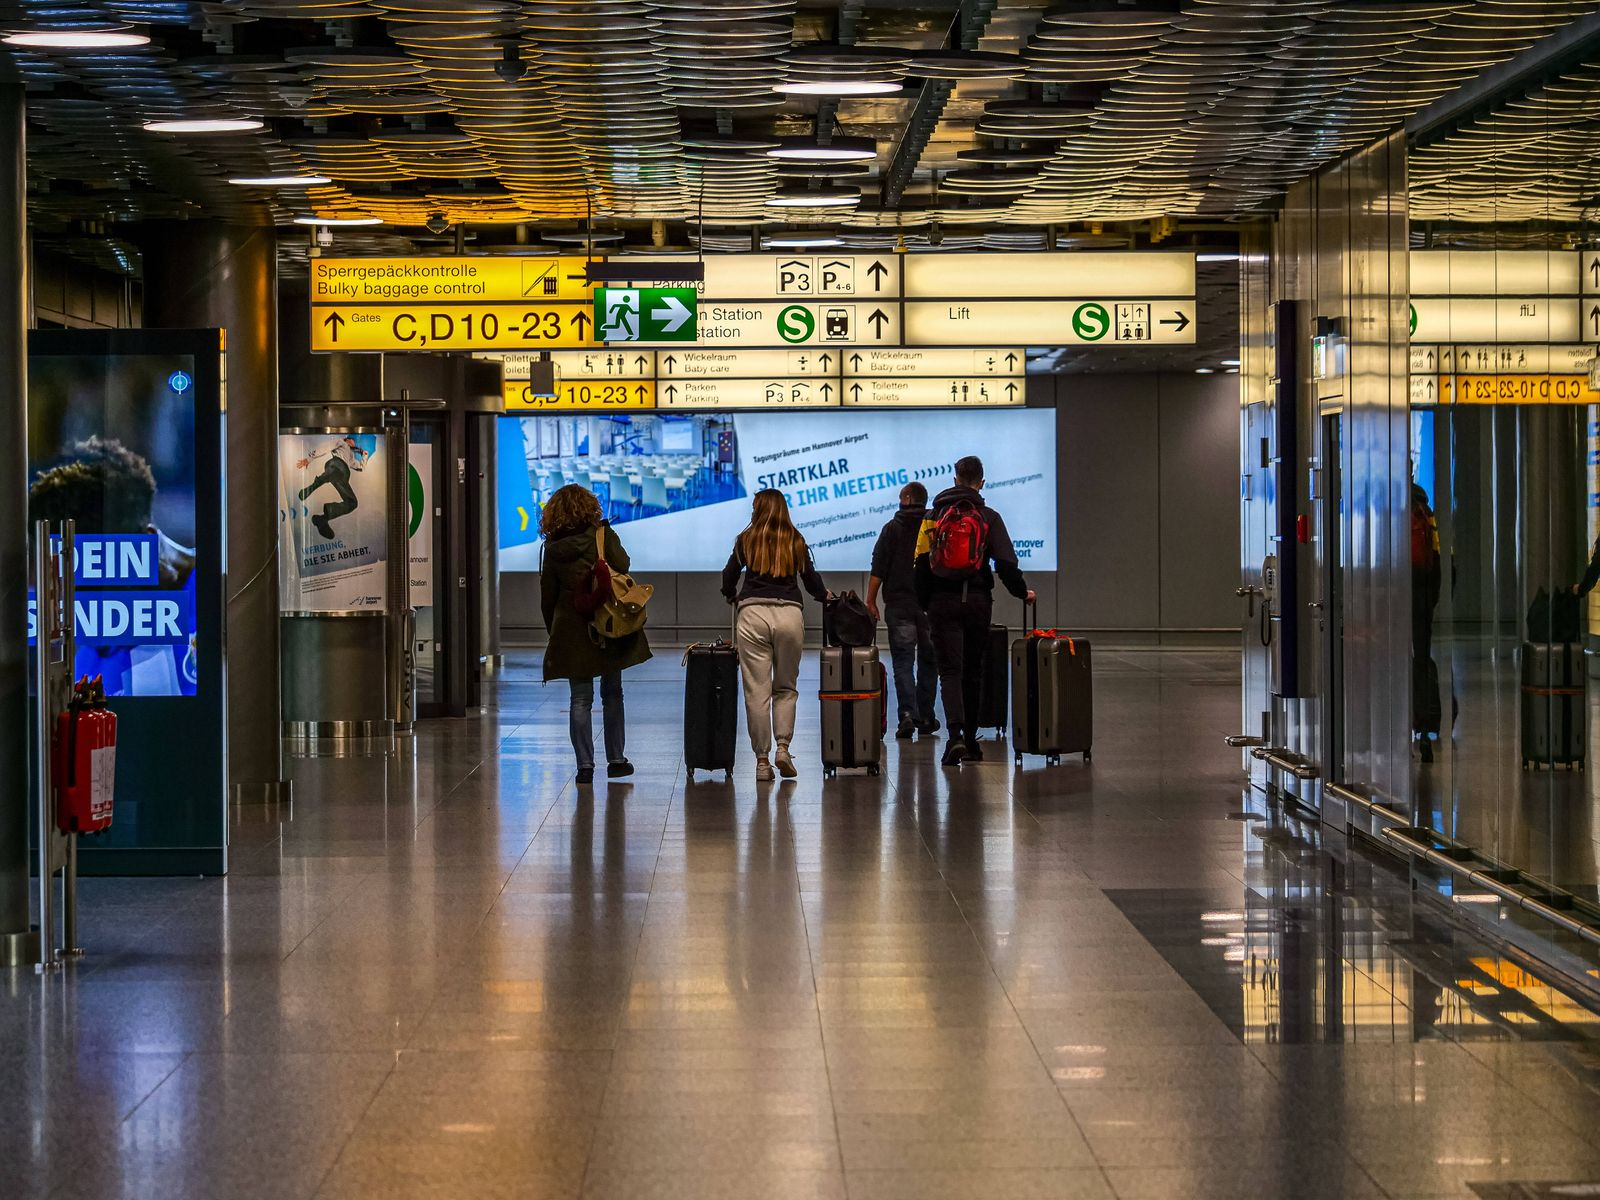 Flughafen Hannover am 21.12.2020 Der Flughafen Hannover ist heruntergefahren. Nur noch vereinzelt gehen Flüge. *** Hano